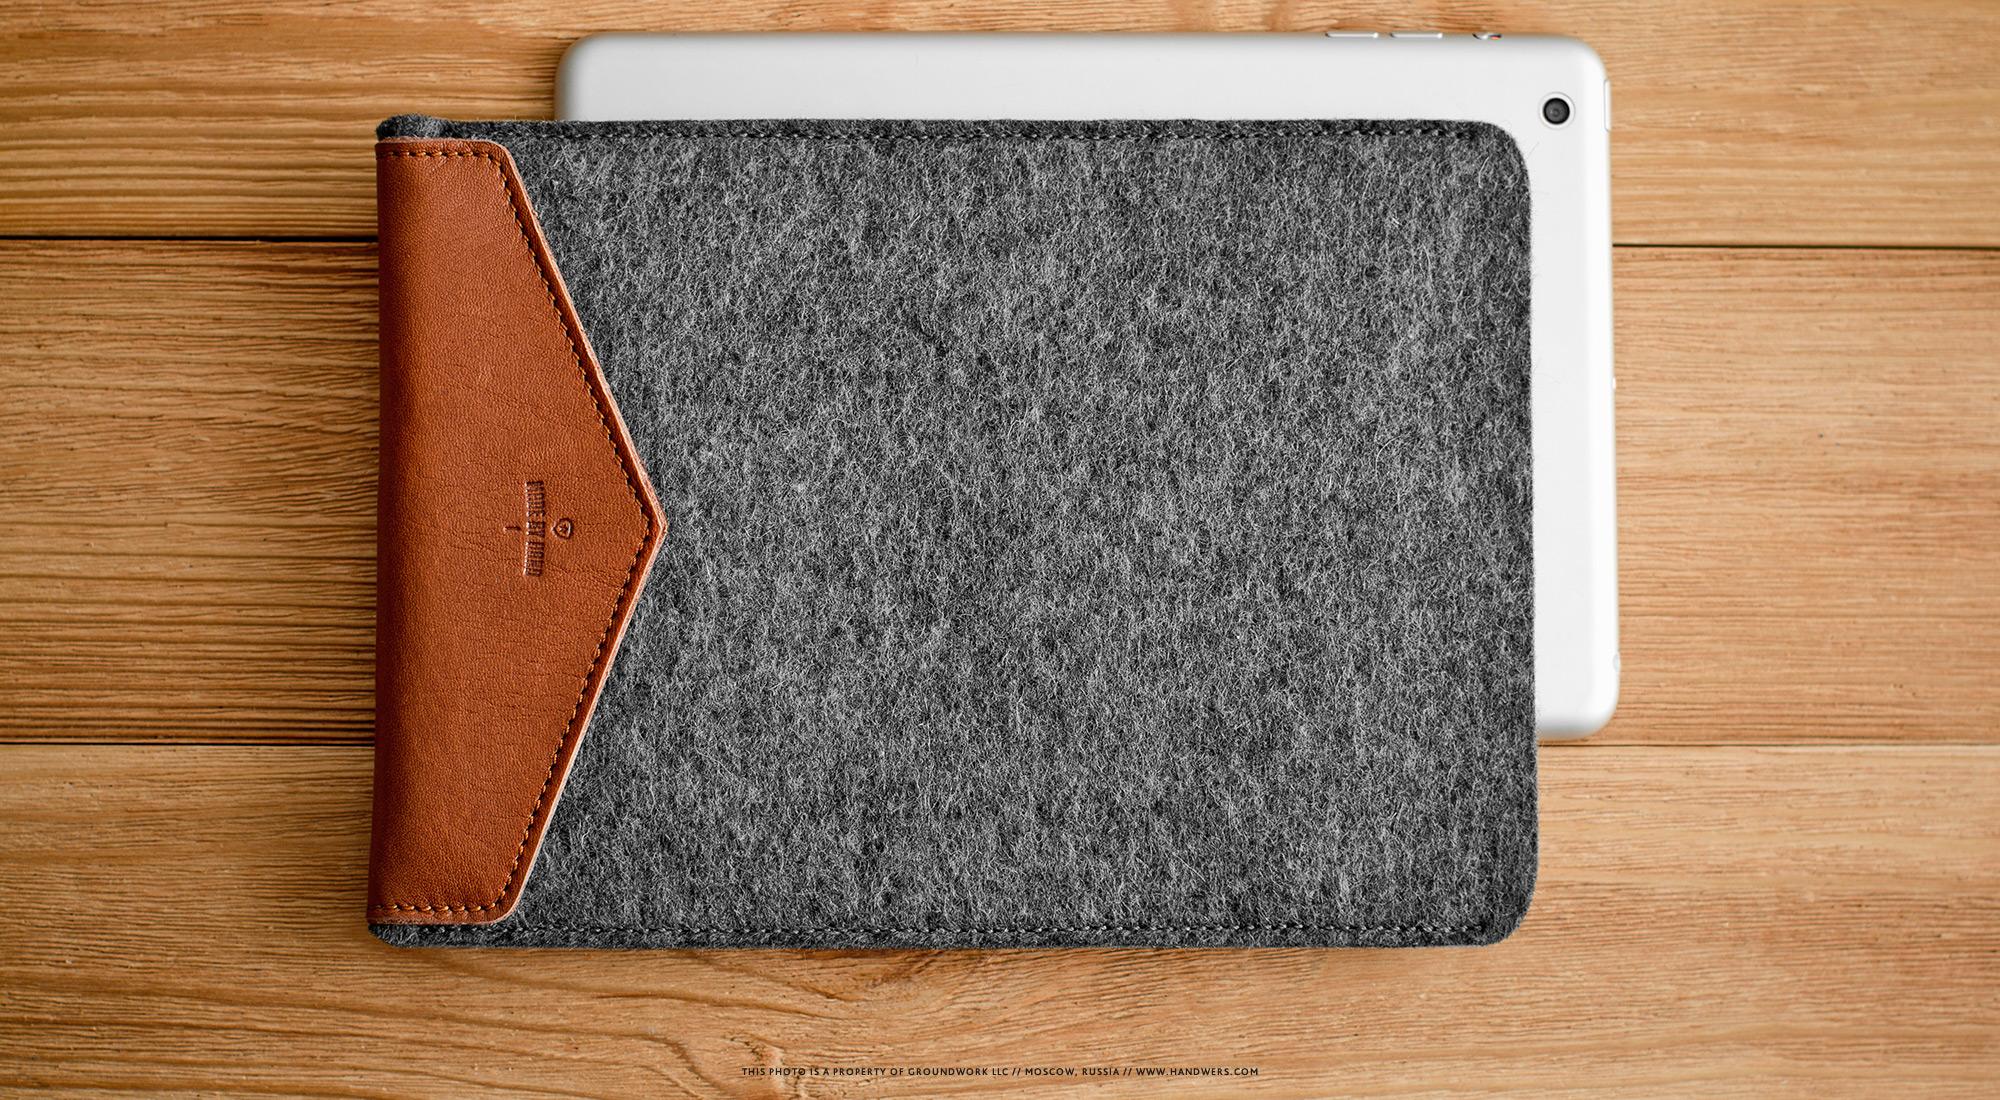 Зачем нужен чехол для современного планшета?